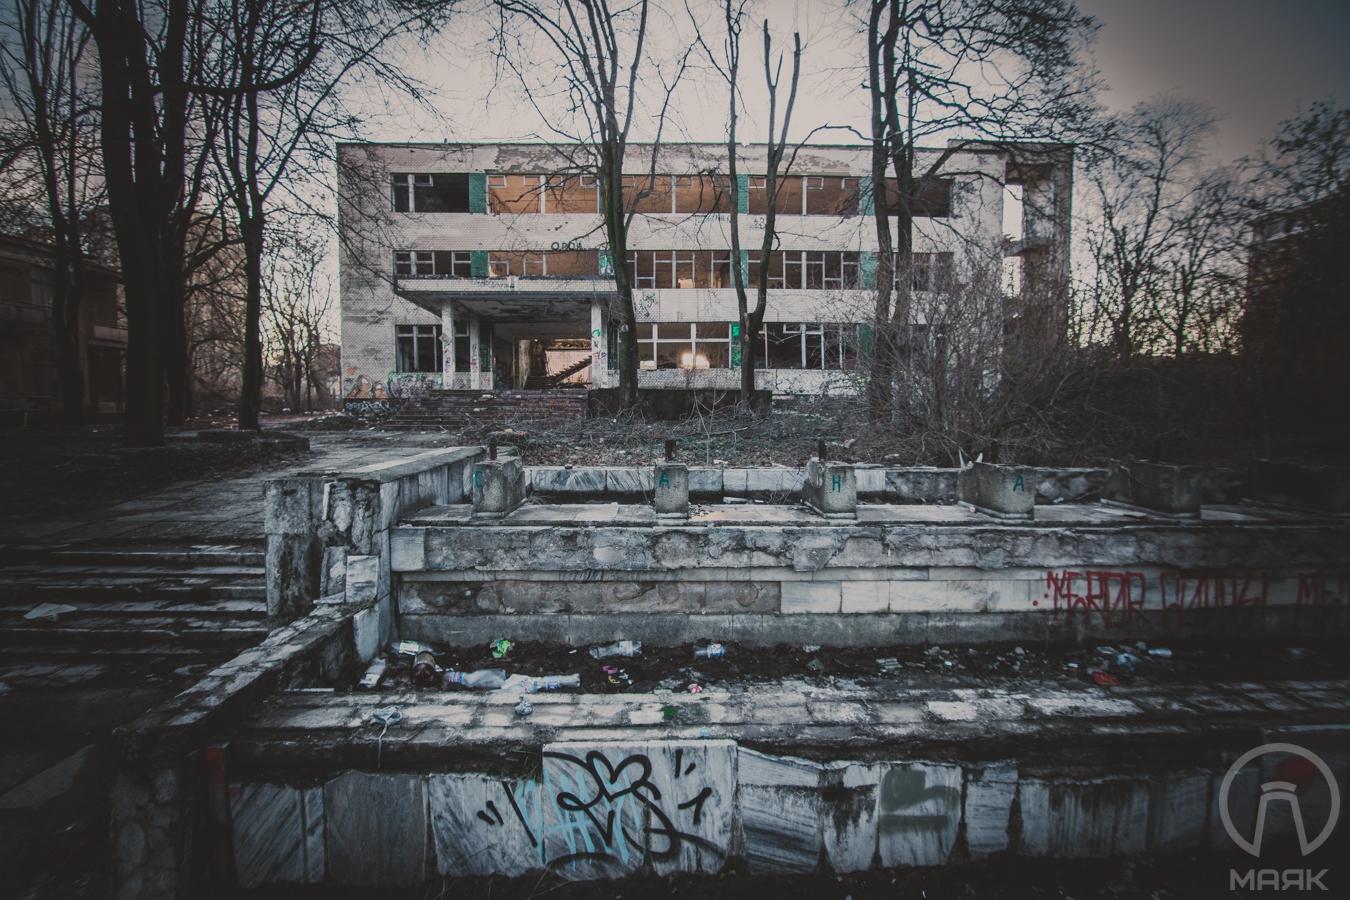 Декорации к фильму ужасов в Одессе: руины санатория «Украина» (фоторепортаж)